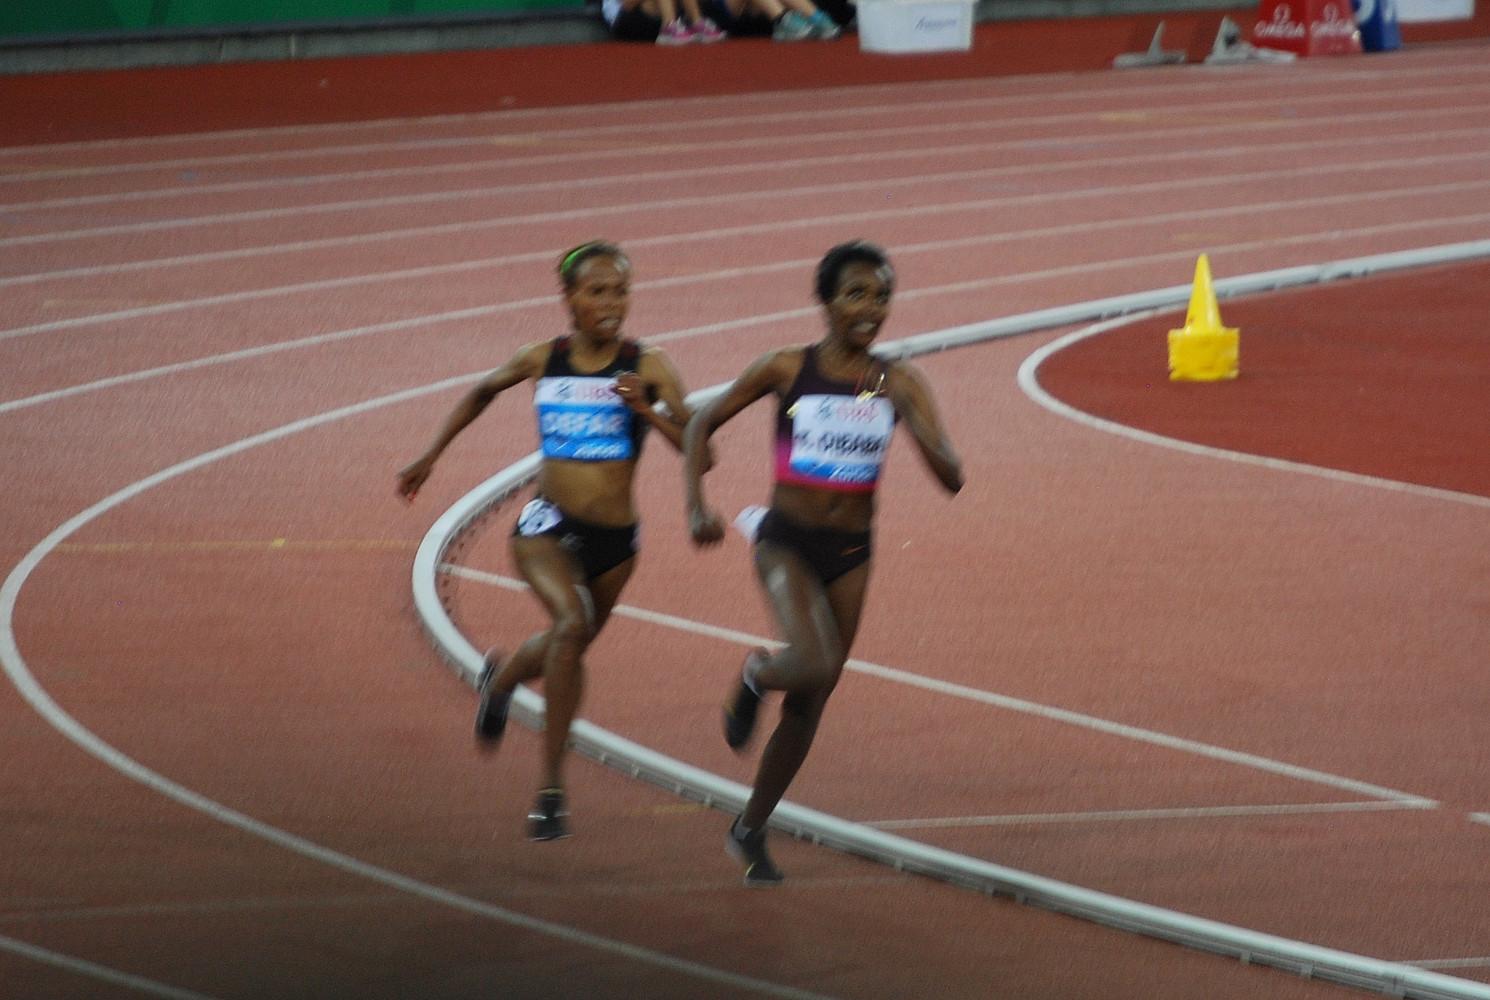 Weltklasse Zürich 2013 - Äthopischer Zweikampf - die Zweite wird die Erste sein